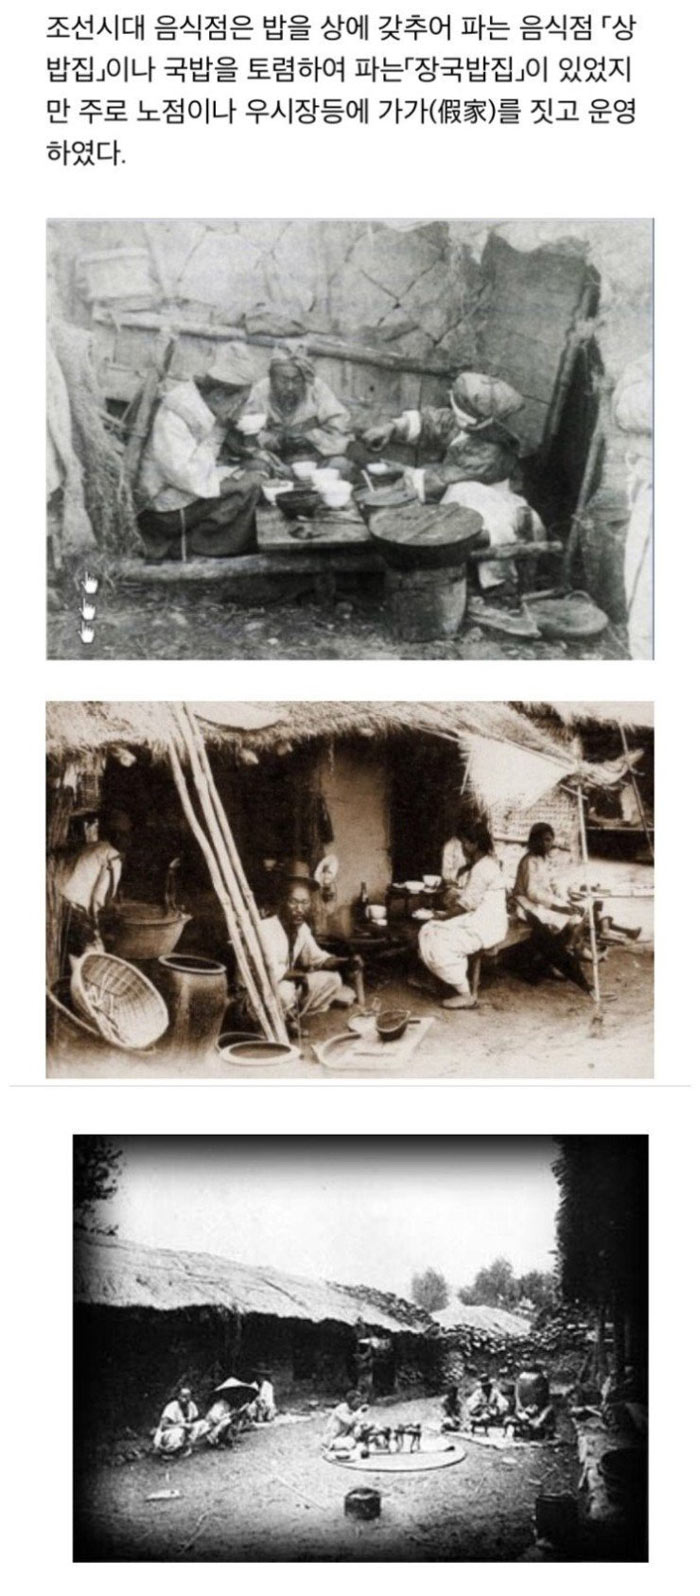 조선시대 음식점